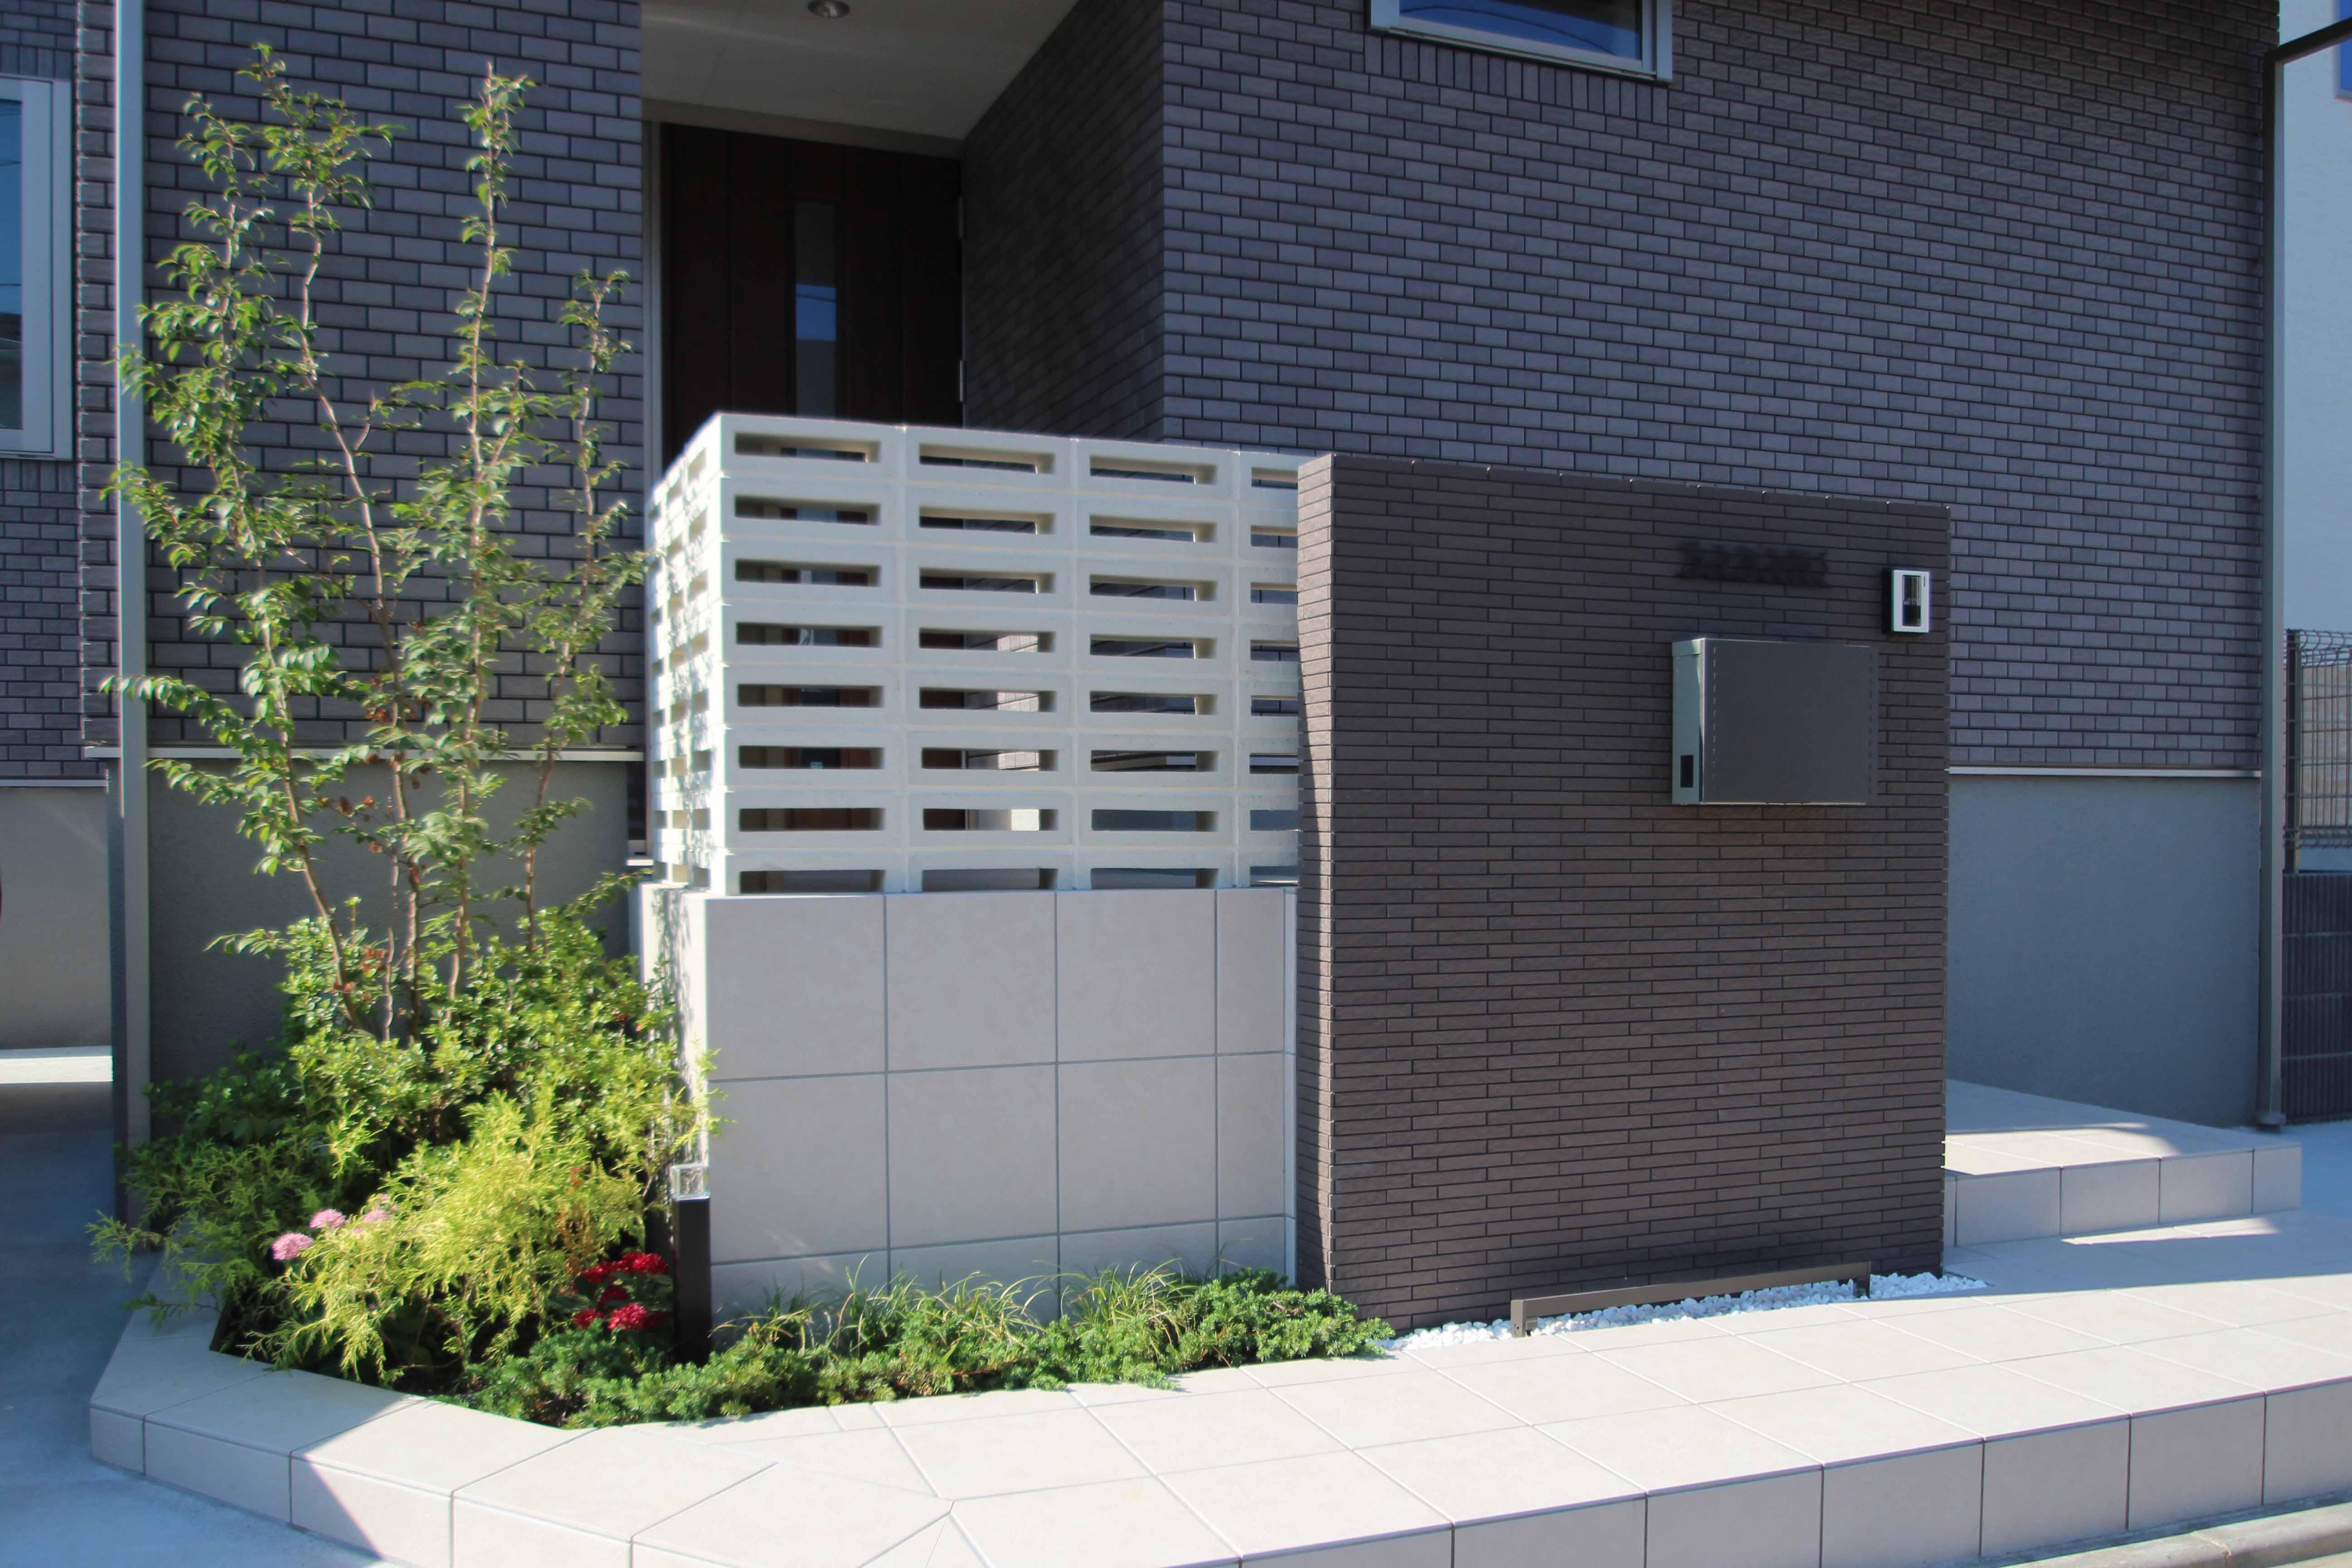 千葉市緑区。<br>スクリーンブロックの透け感で<br>すっきり美人な玄関廻り。5